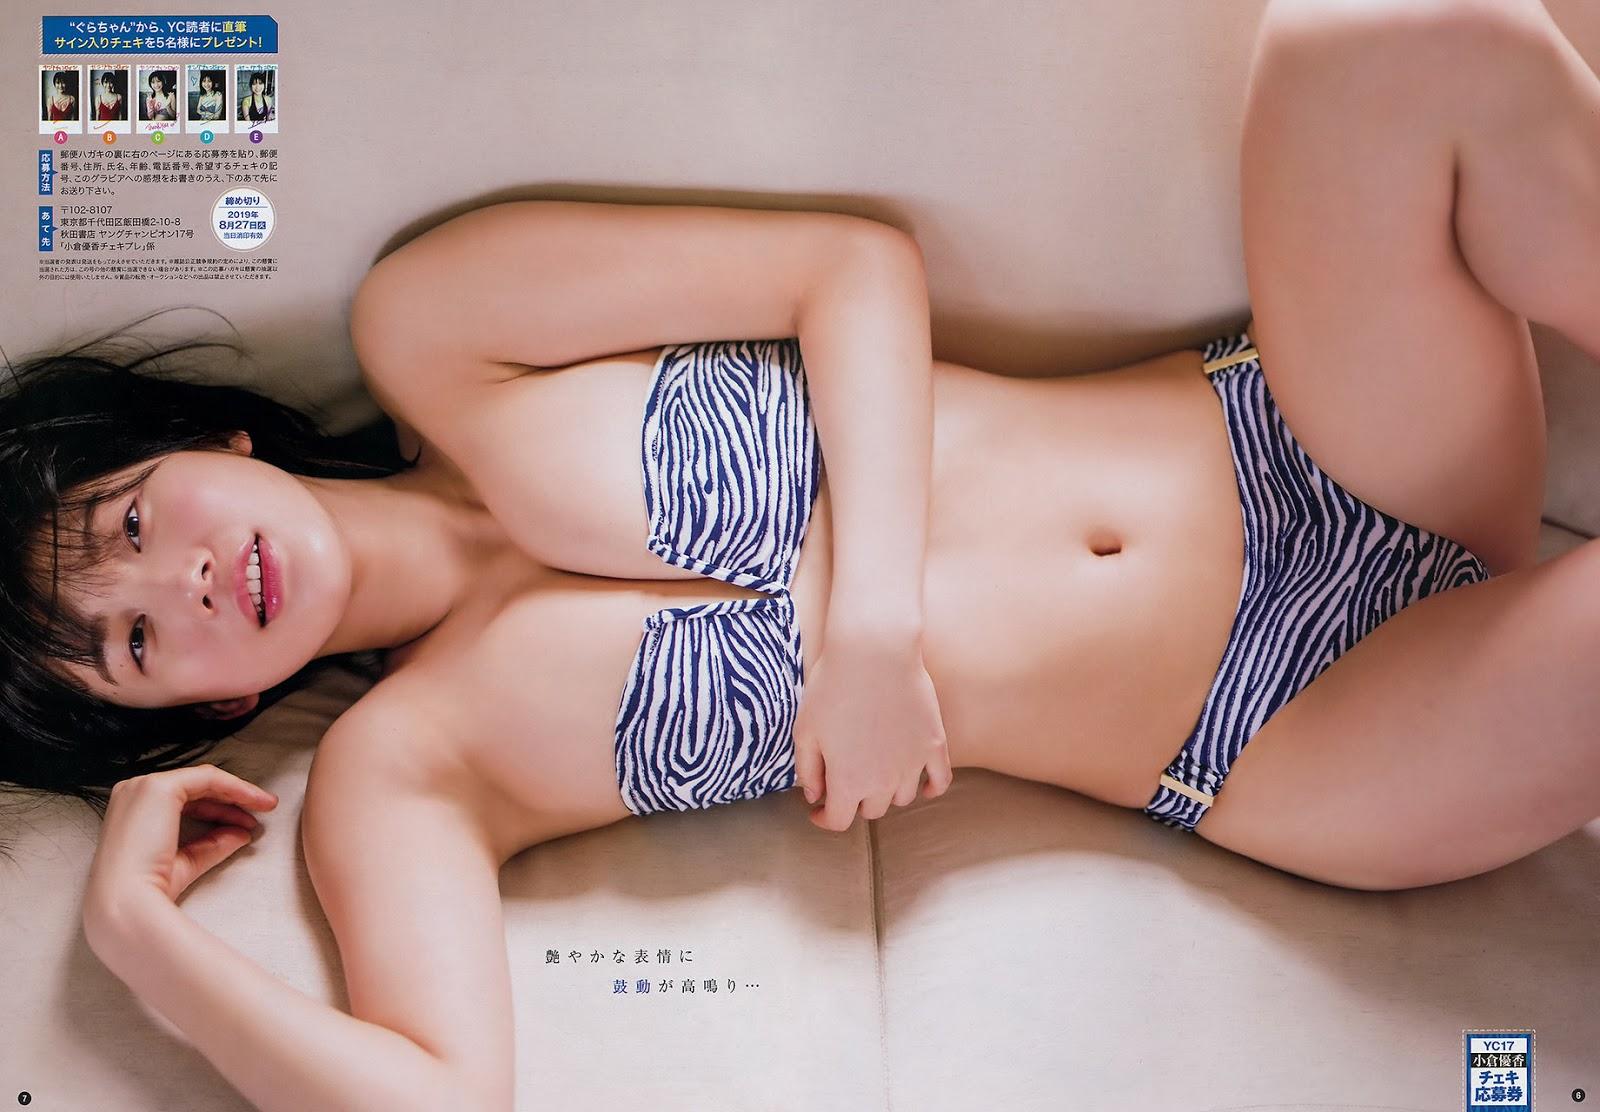 「真人版峰不二子」「最强Body」之称的写真偶像《小仓优香》插图3